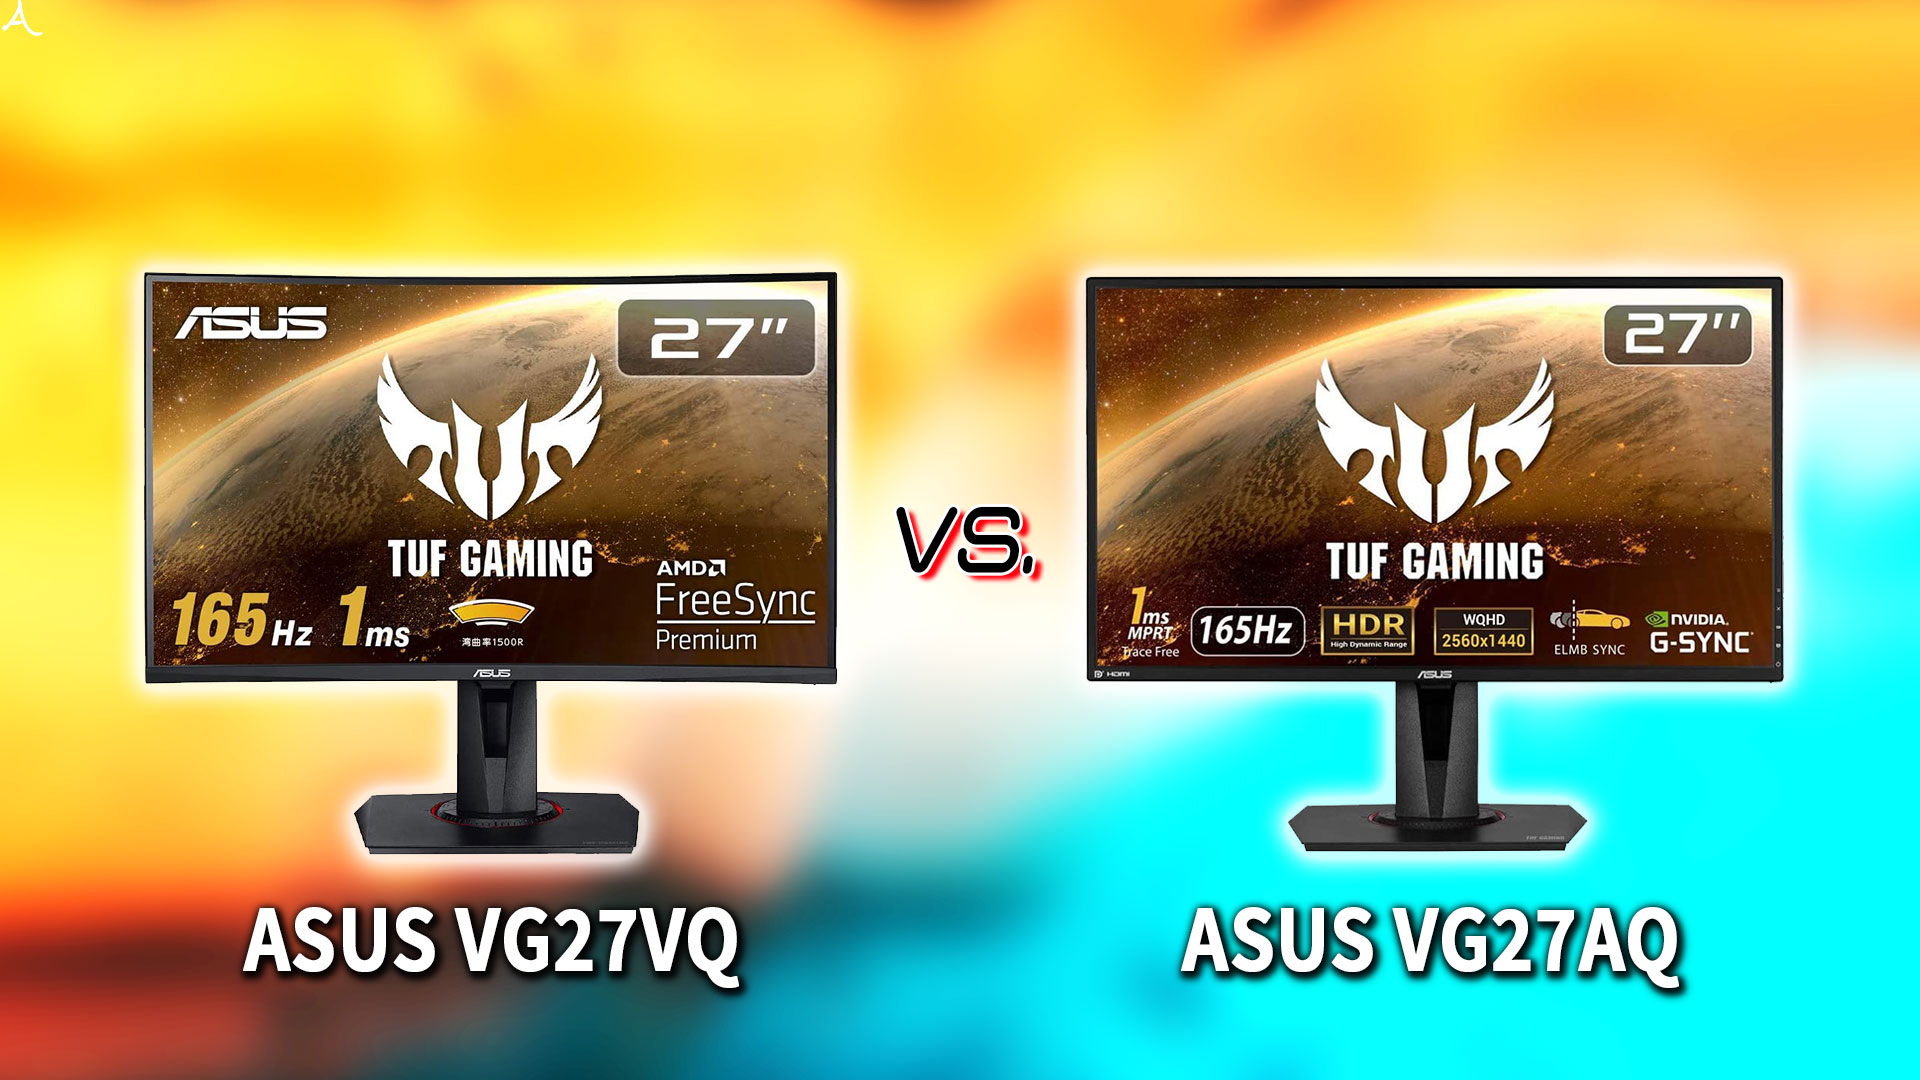 「ASUS VG27VQ」と「VG27AQ」の違いを比較:どっちを買う?